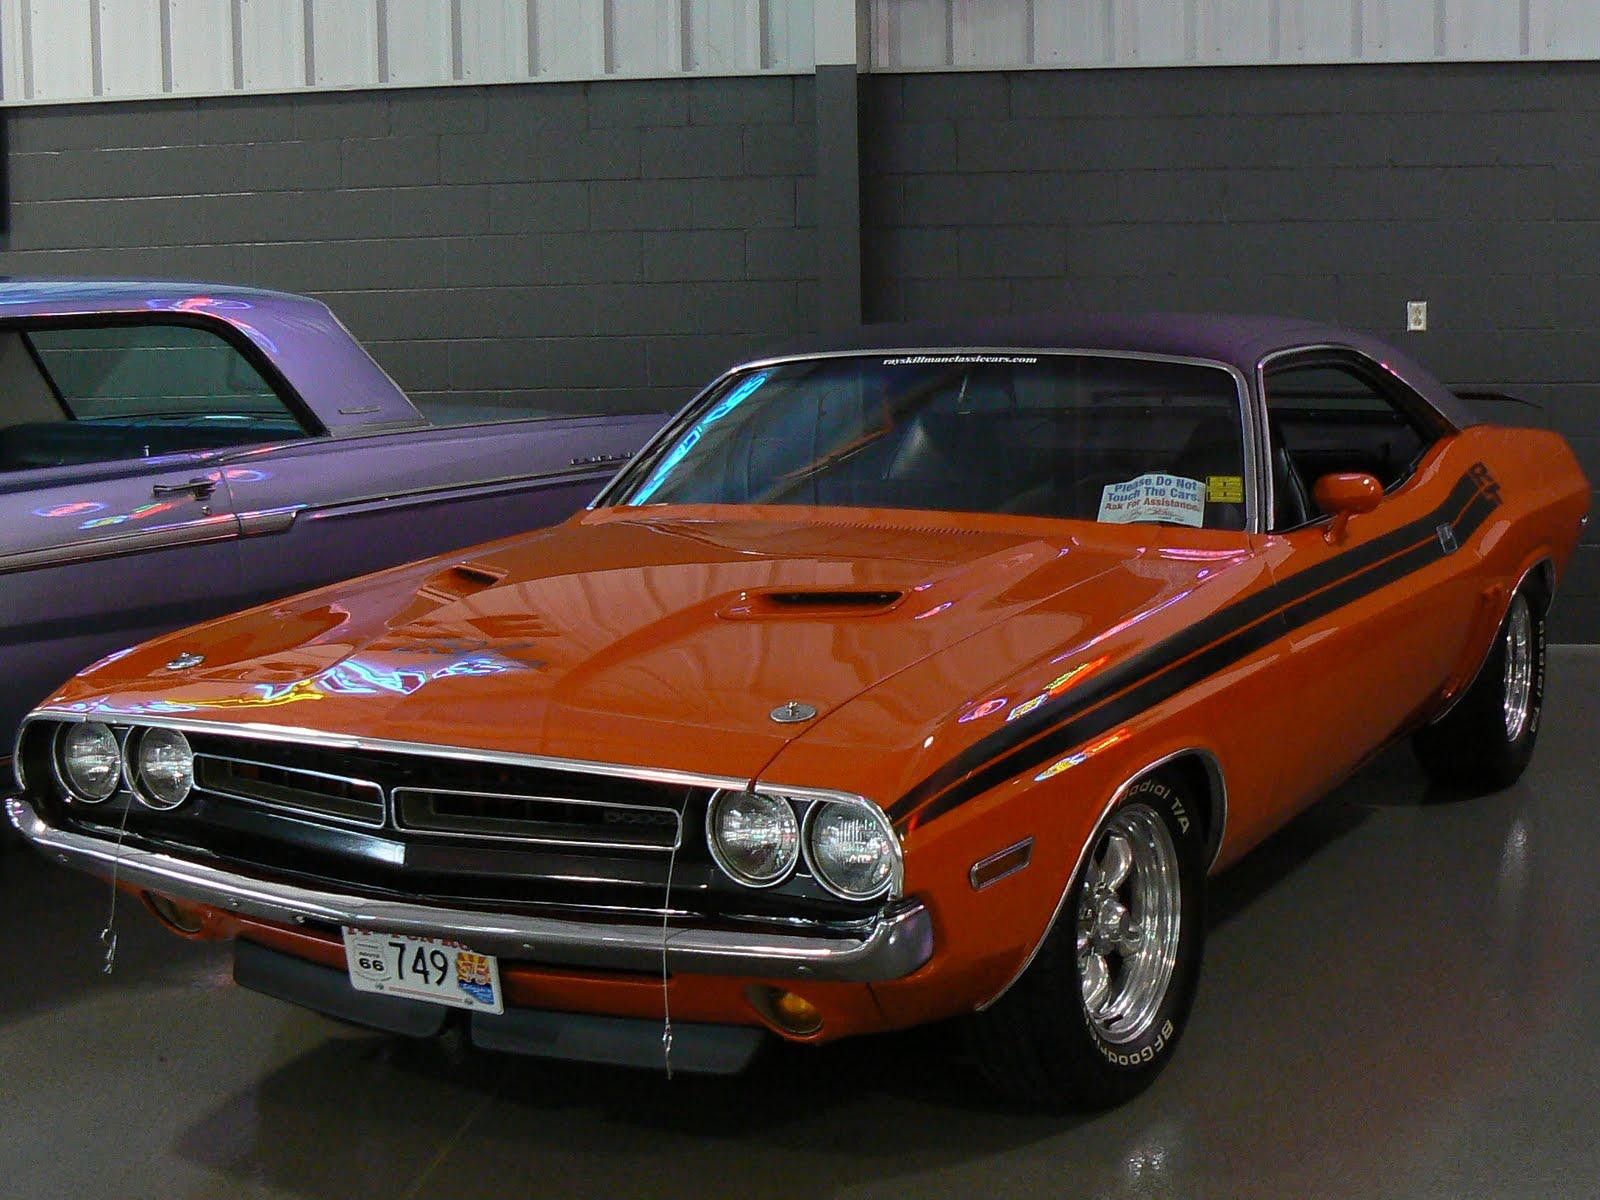 """Dodge Challenger Antigo V8 >> """"O BALTAZAR"""" - Aventuras com carro(s) antigo(s) e outras coisas.: Algumas fotos para animar"""